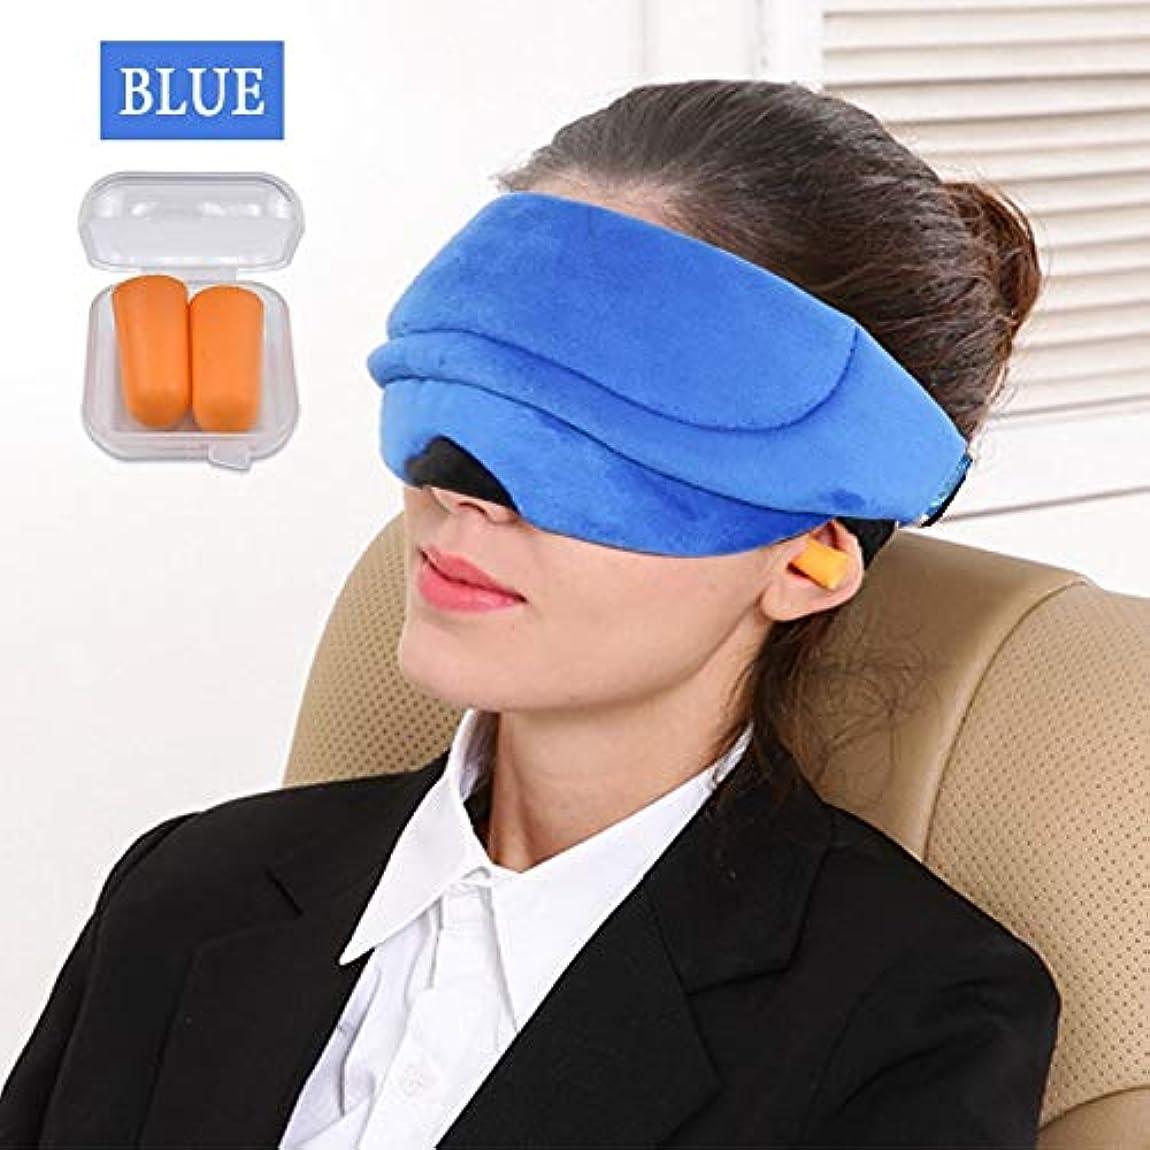 カスケード辛な小説NOTE ソフトポータブル3dスリープマスク旅行アイパッチスポンジナチュラルスリーピングアイマスク女性男性調節可能なアイパッチカバー目隠しシェード